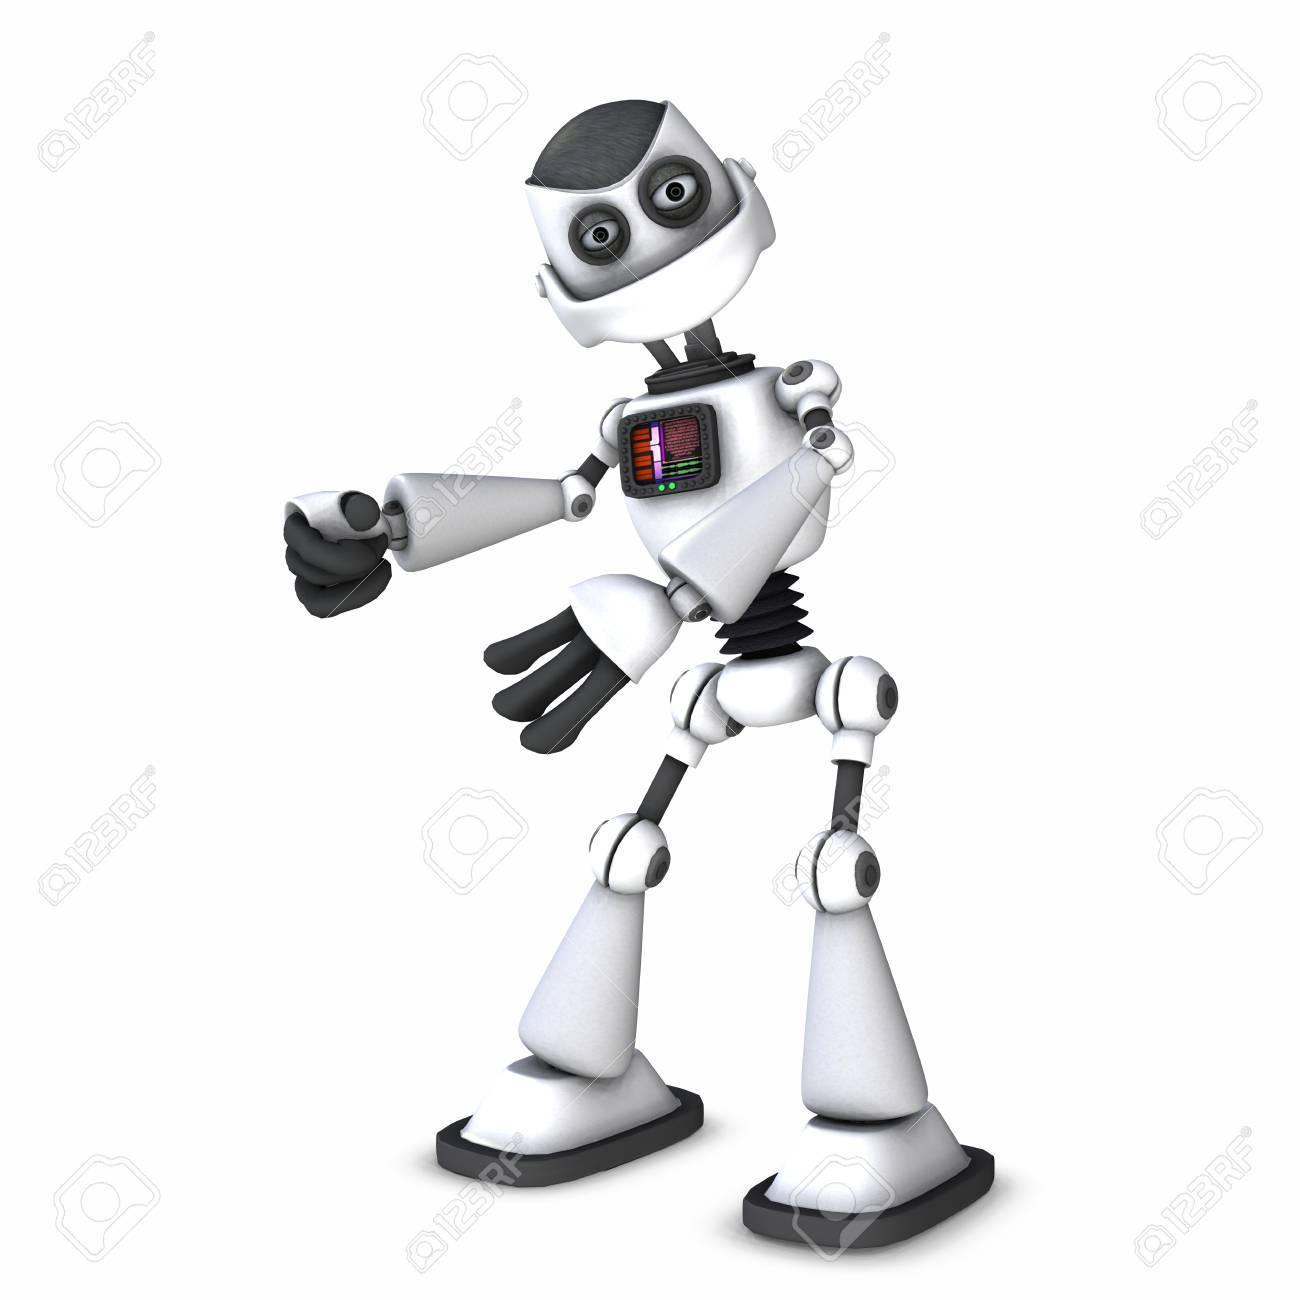 robot toon Stock Photo - 9206235